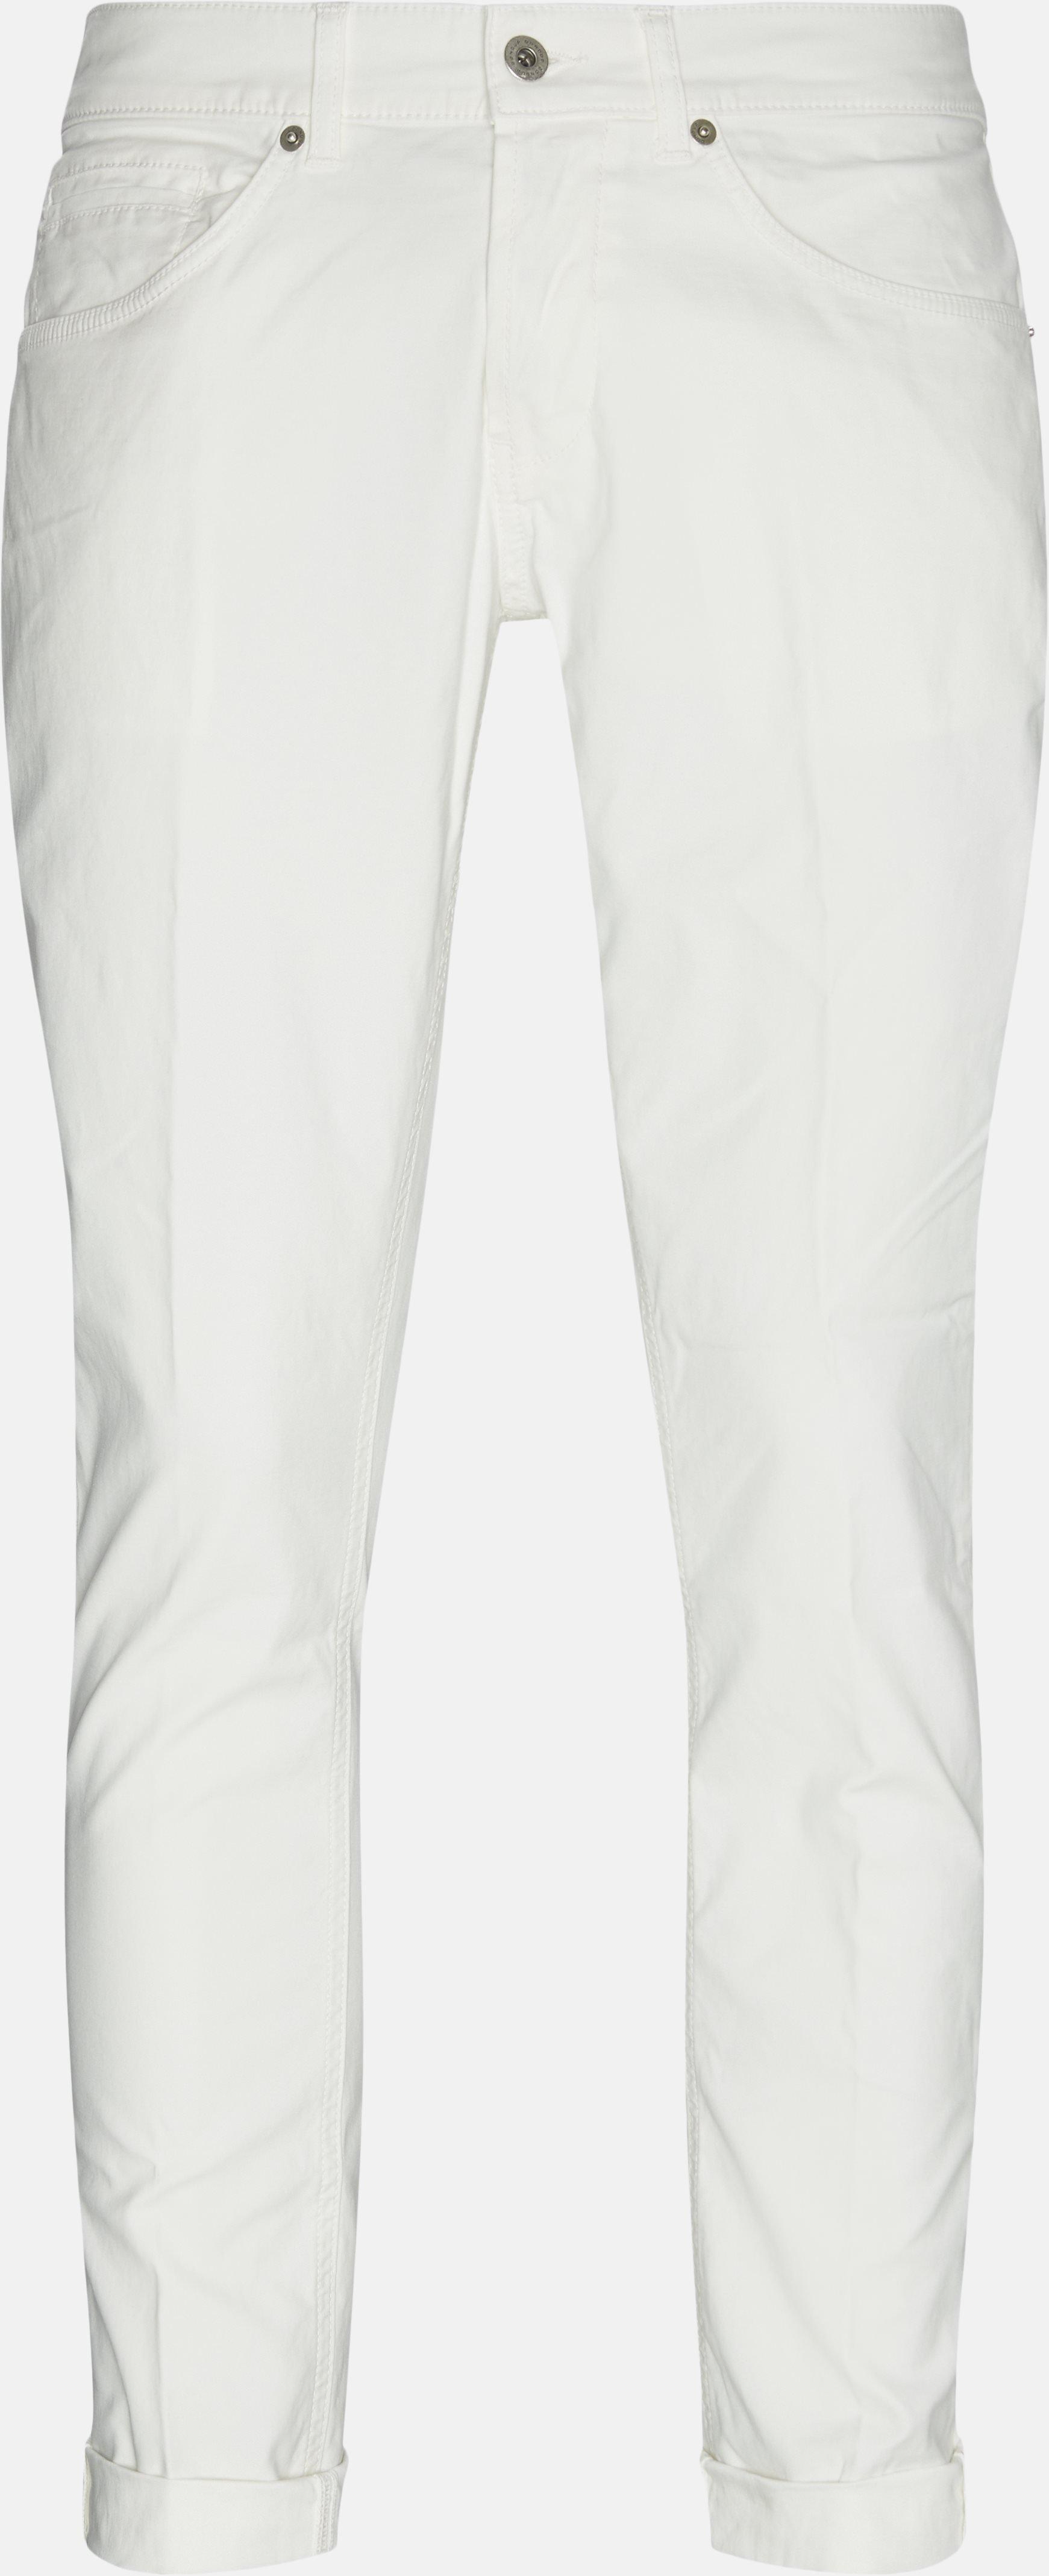 Chinos - Slim fit - Hvid